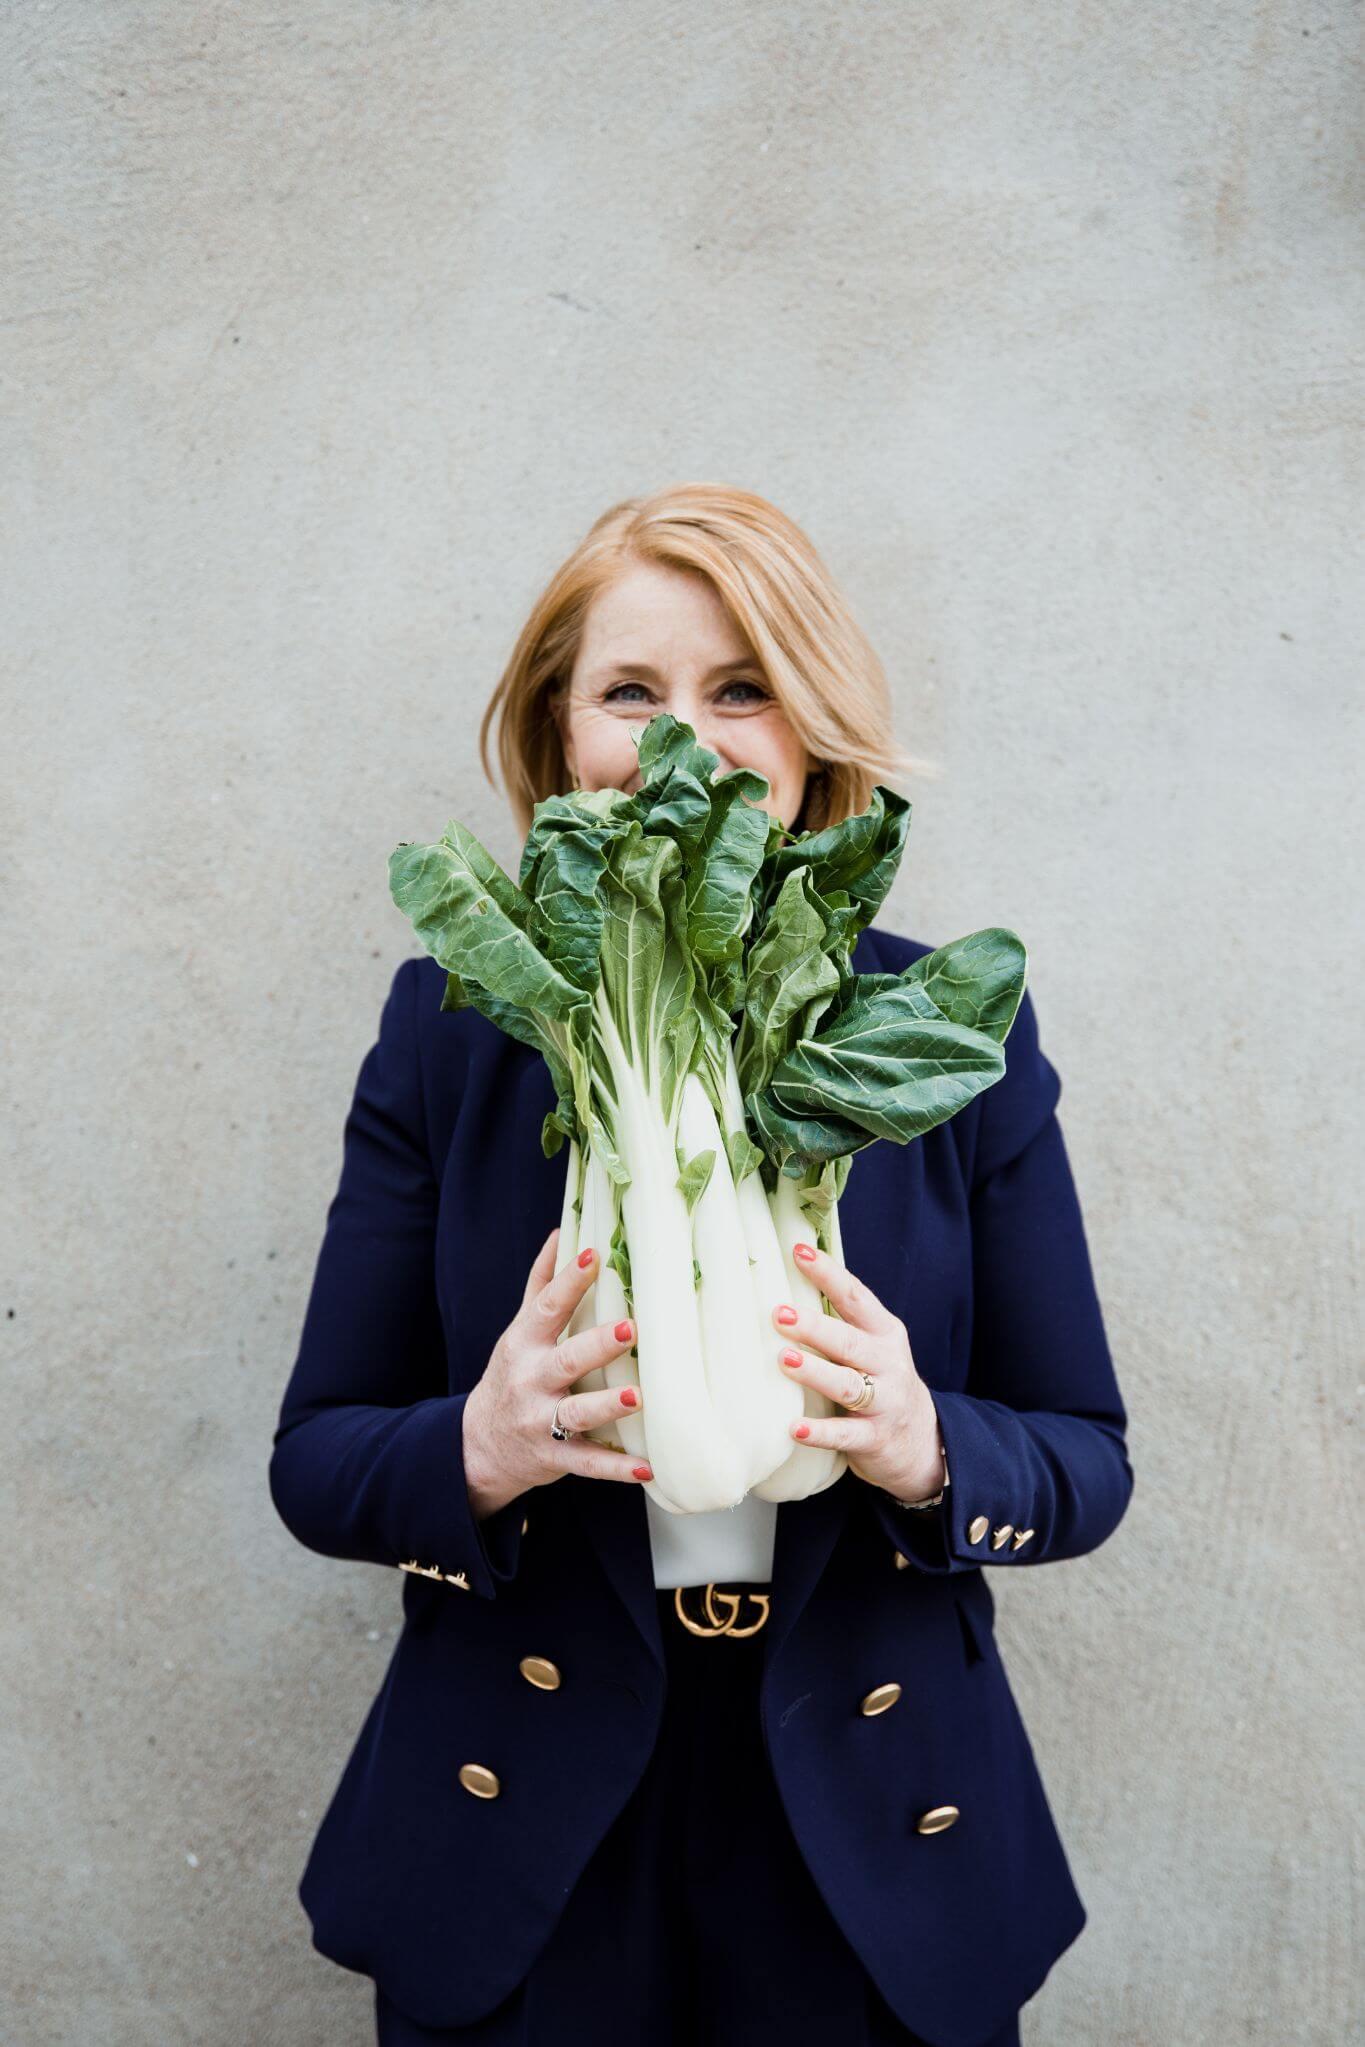 Claudia Vesters Afvallen streefgewicht Paksoi Portrait